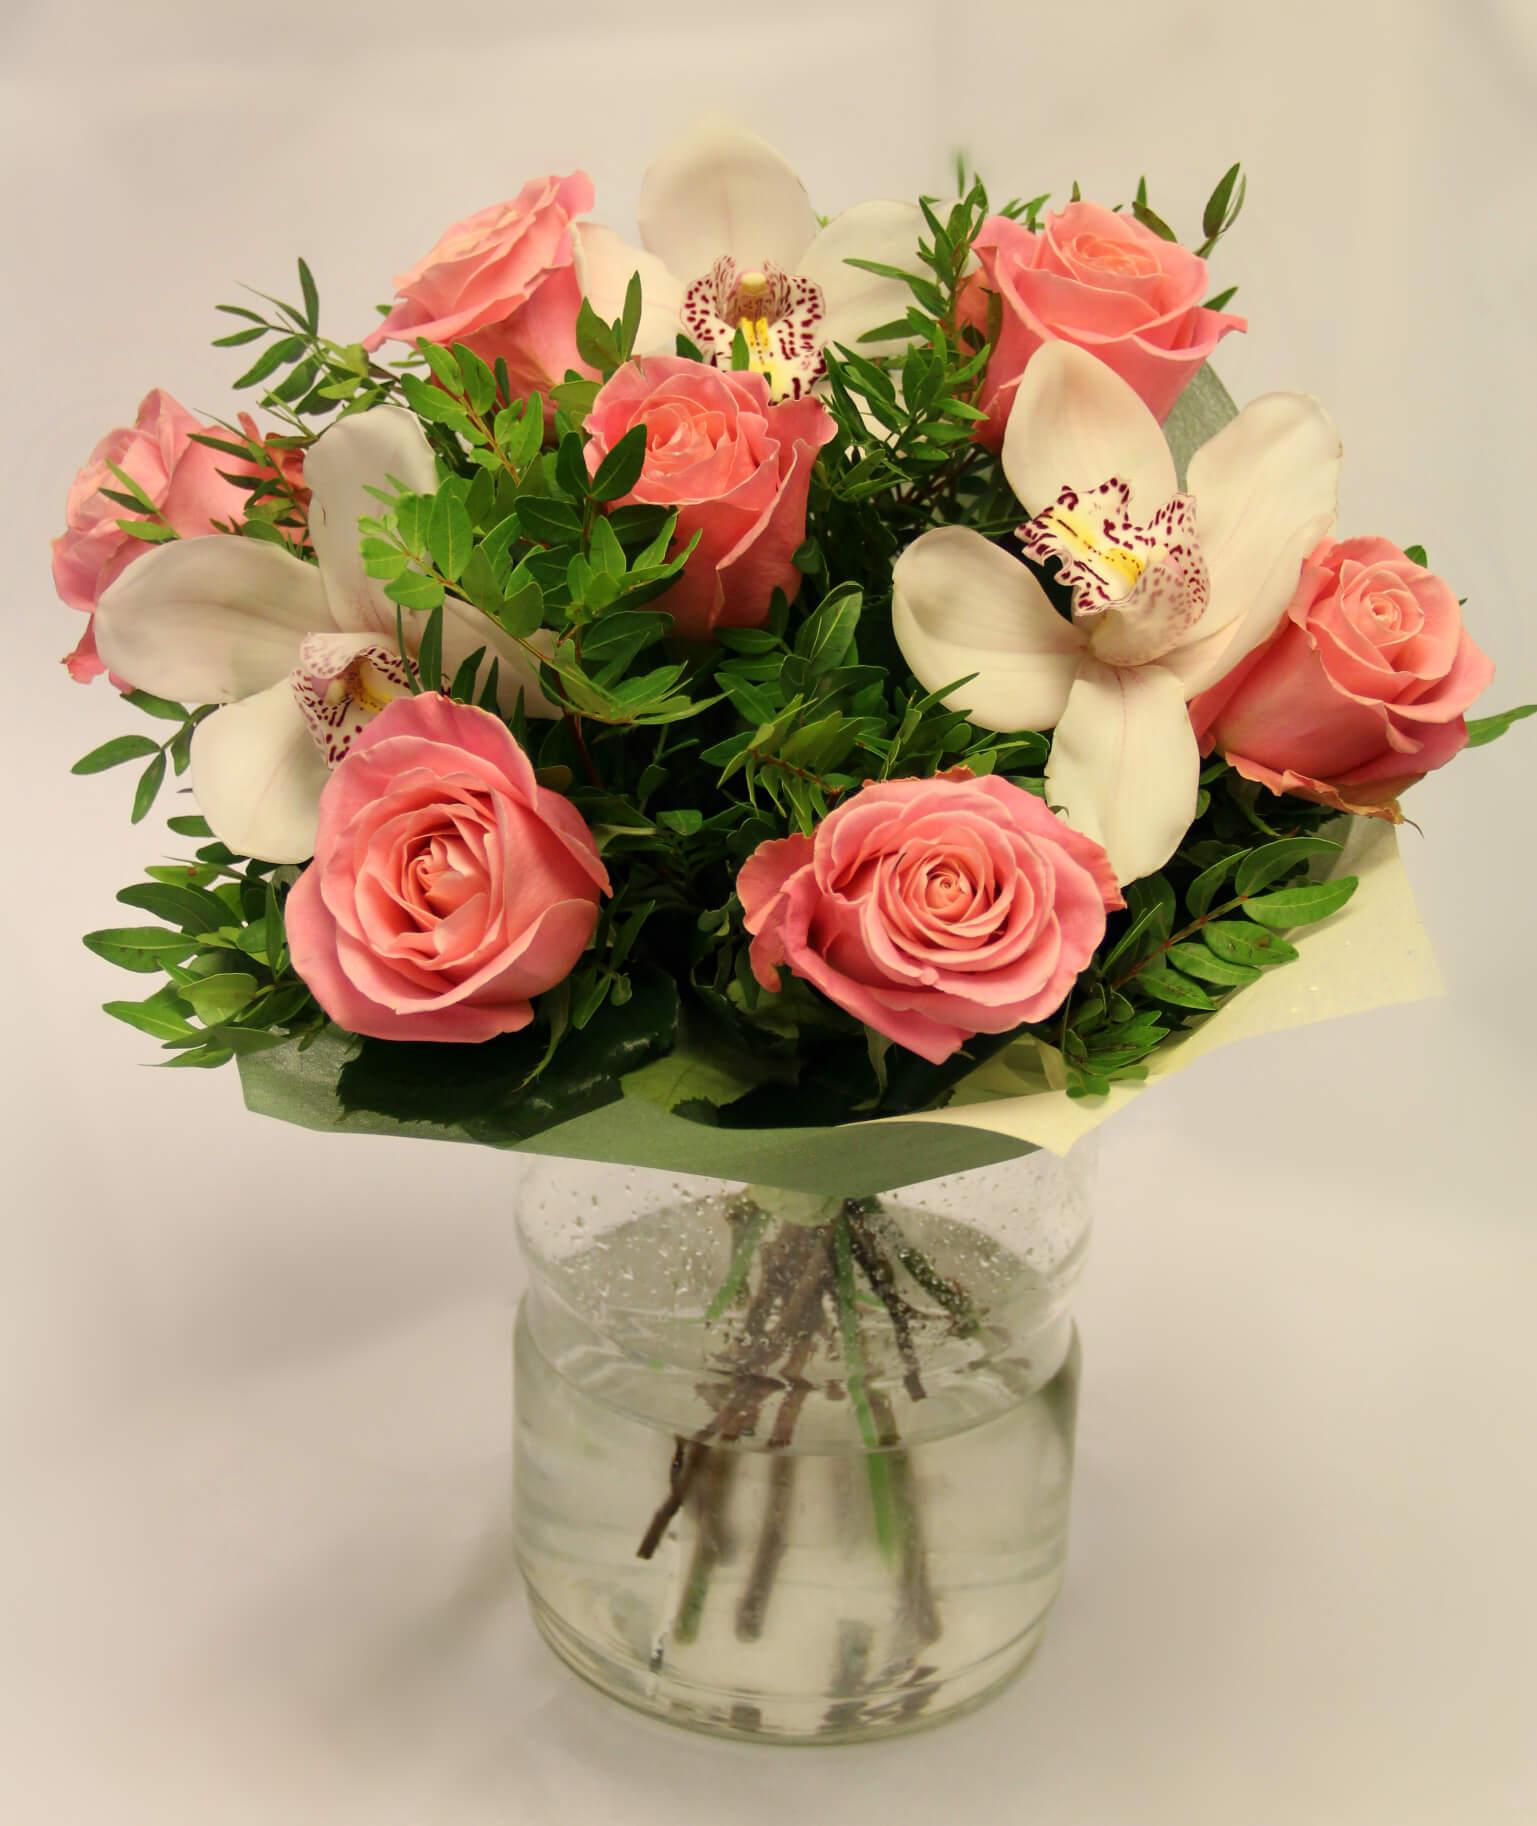 Купить букет цветов в твери, цветов